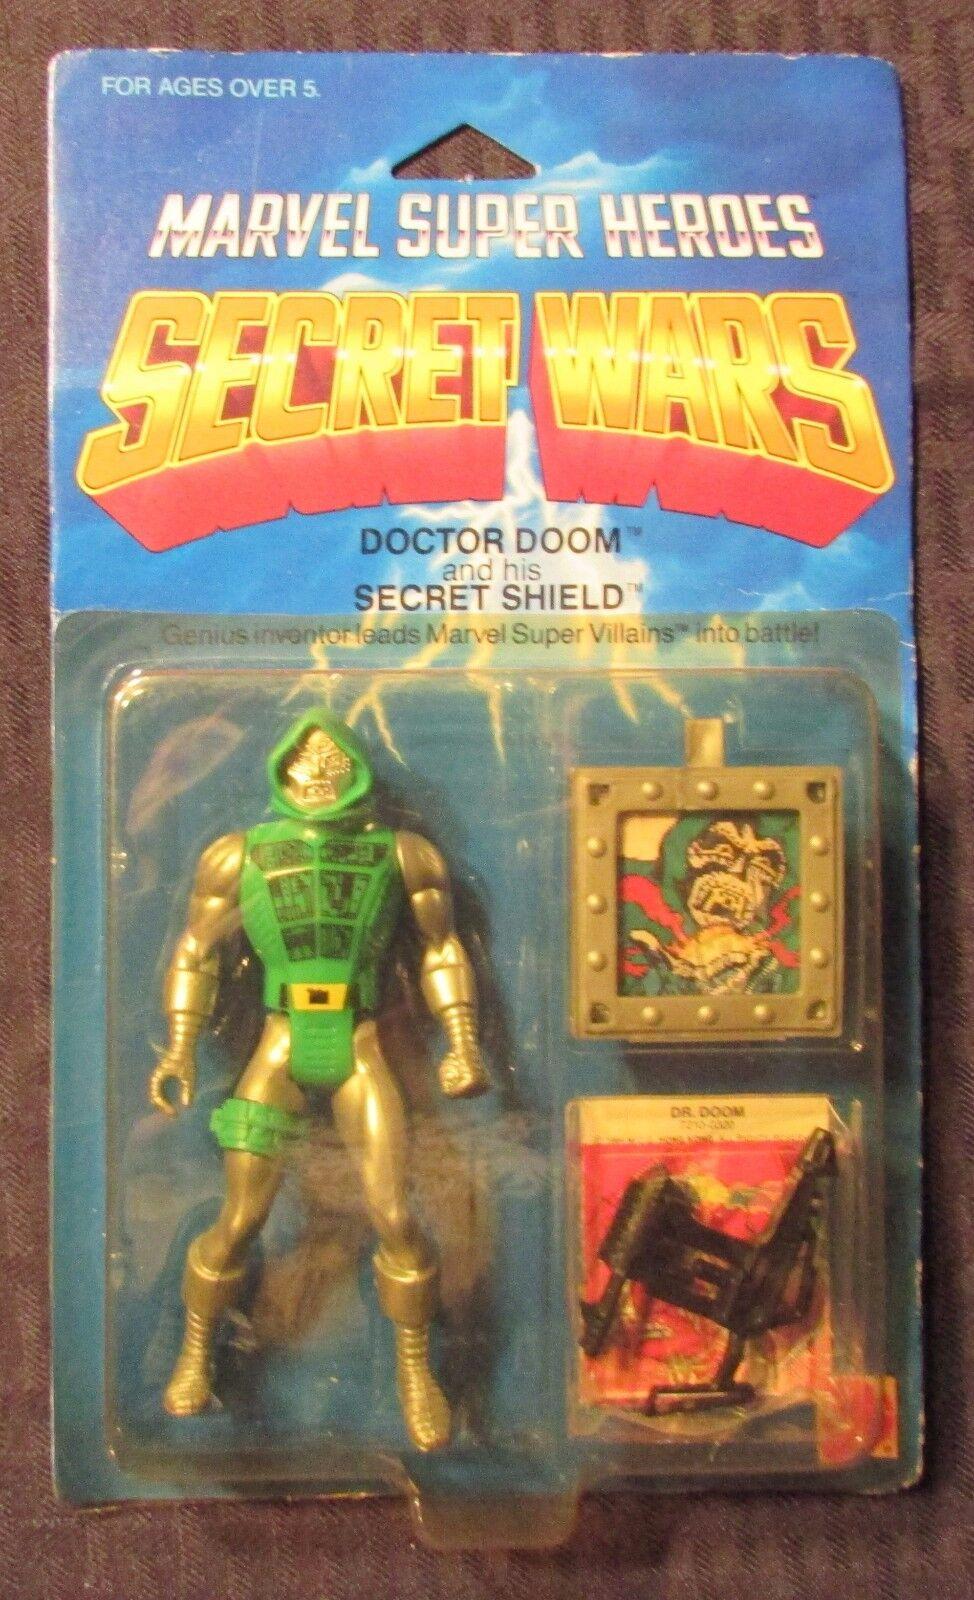 1984 marvel - comics geheime kriege doctor doom moc c-6.5 mattel - 4